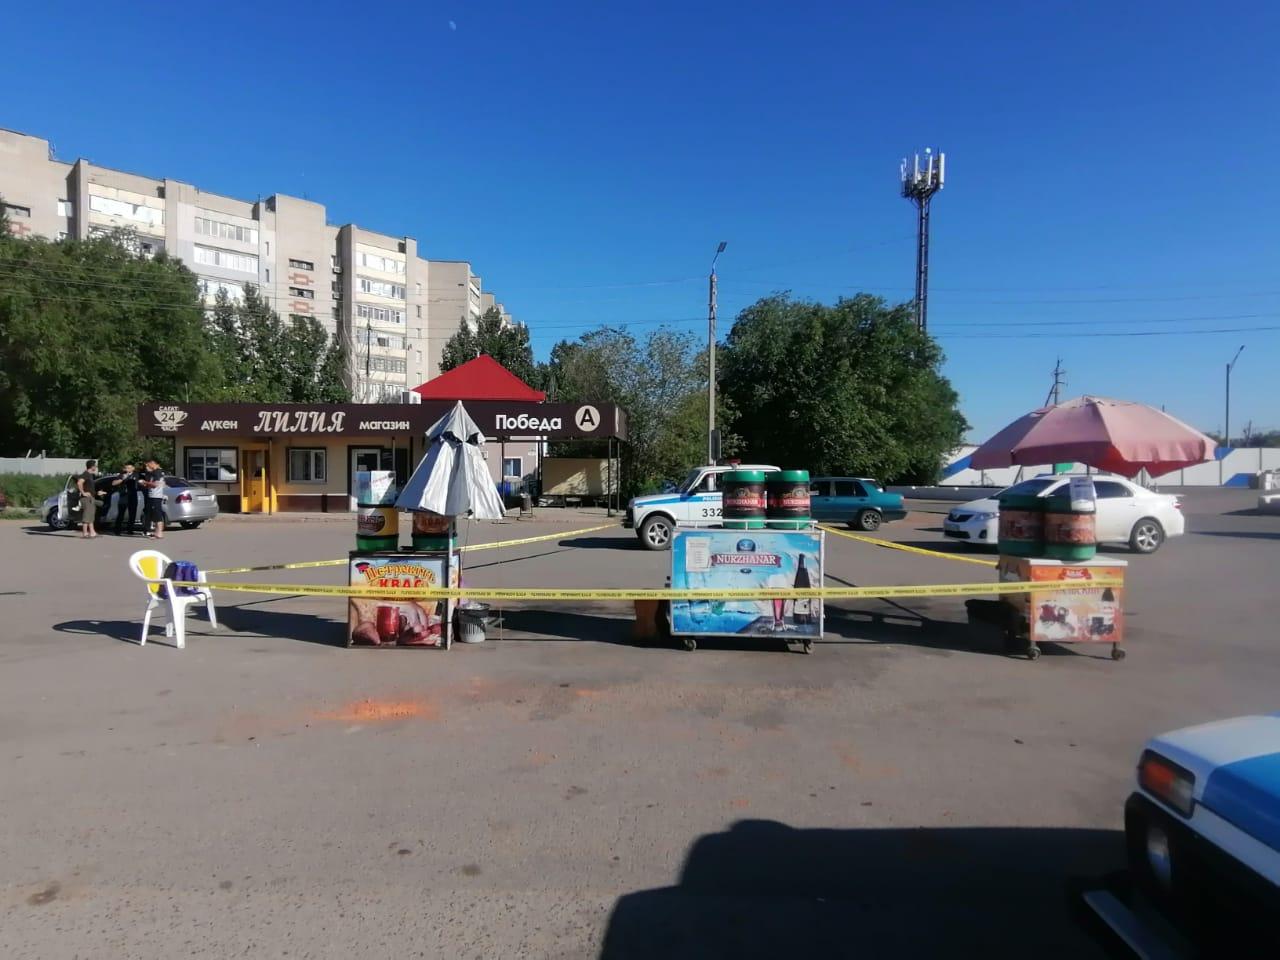 Словесная ссора на улице в Уральске закончилась летальным исходом